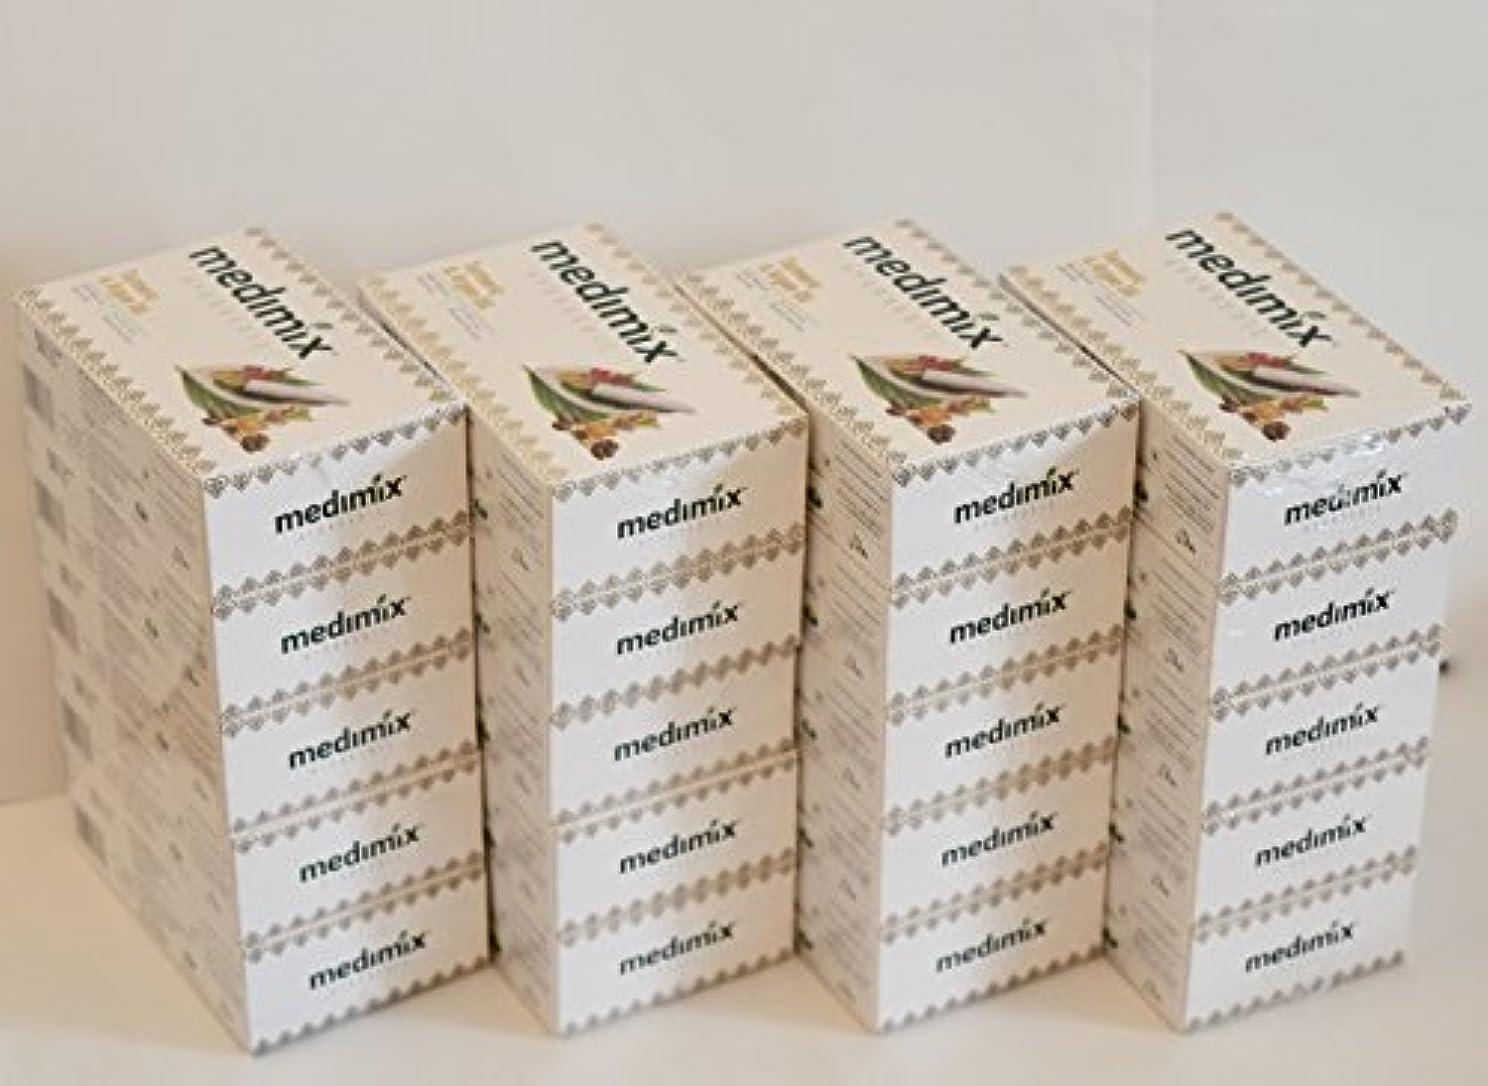 剛性ポールバーチャルMEDIMIX メディミックス アーユルヴェーダ ターメリック アンド アルガン石鹸(medimix AYURVEDA Turmeric & Argan) 125g 20個入り